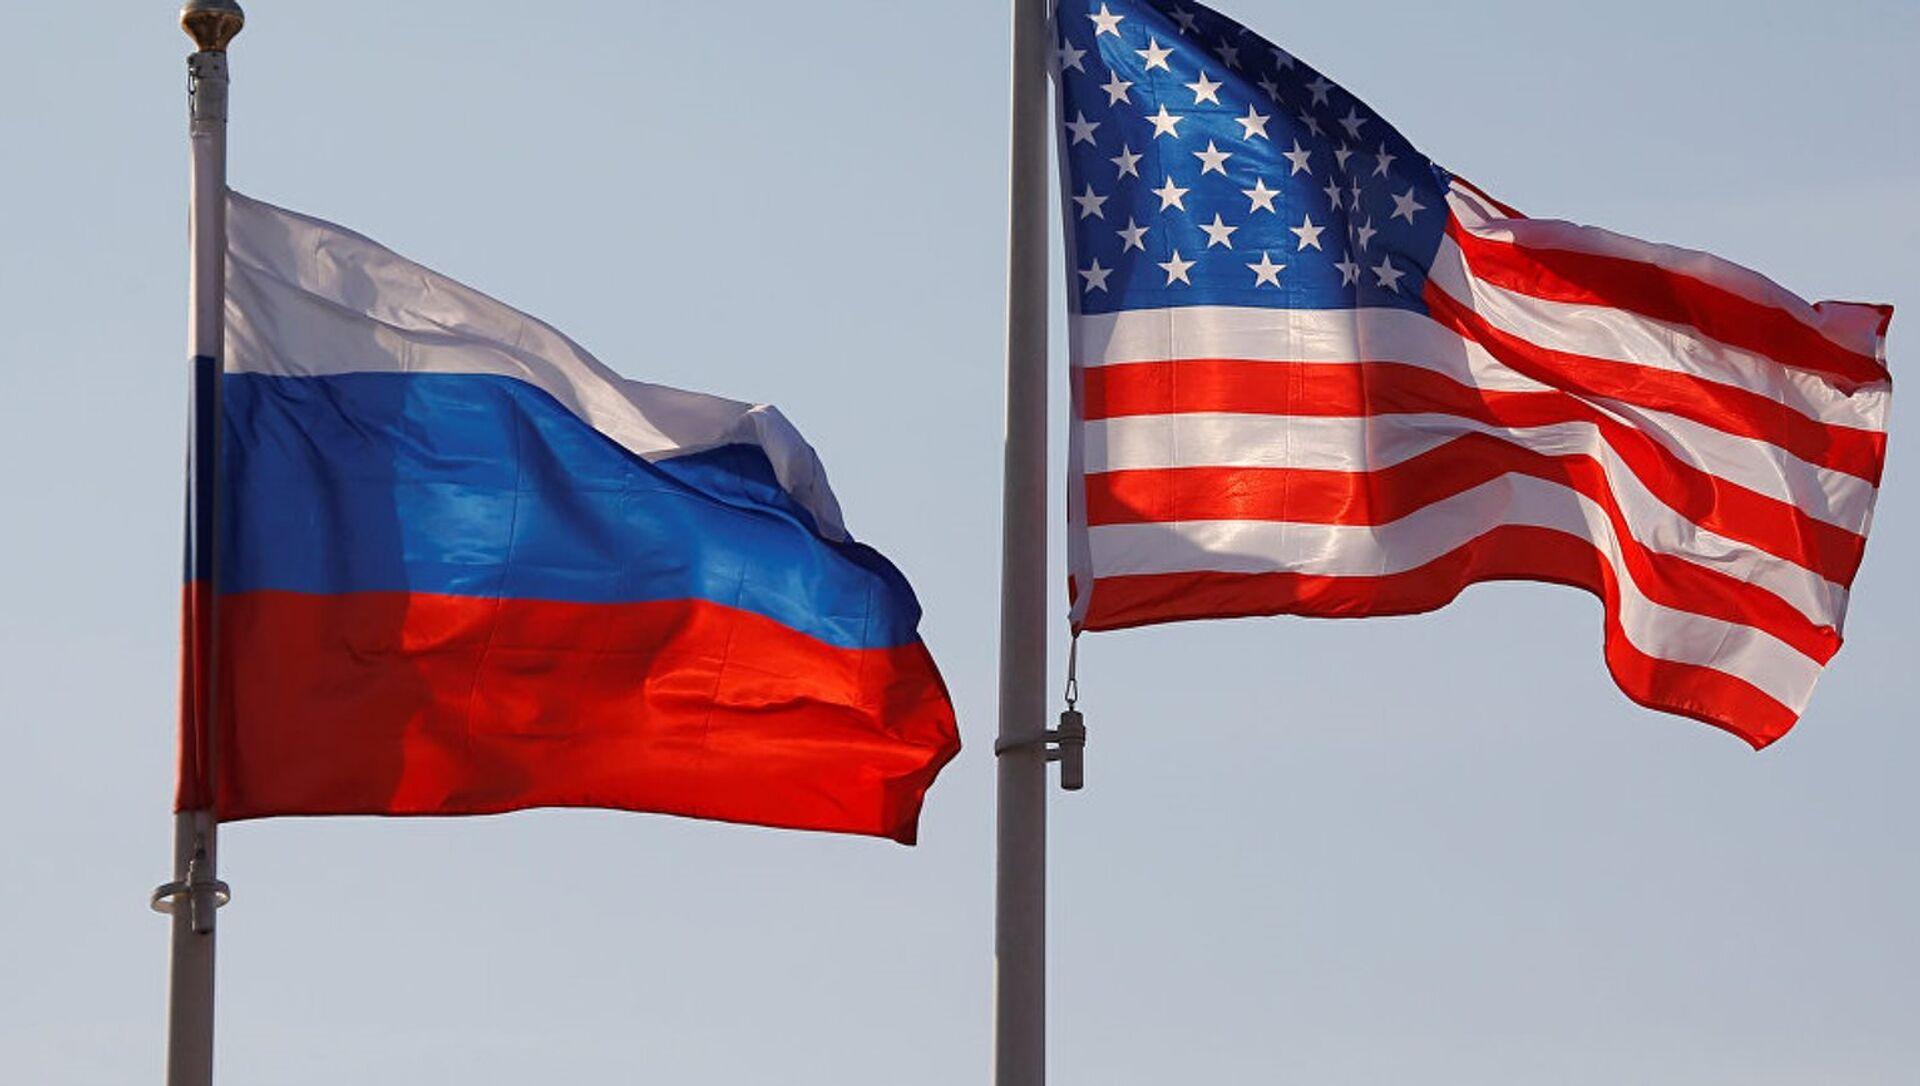 ABD-Rusya bayrakları - Sputnik Türkiye, 1920, 21.04.2021